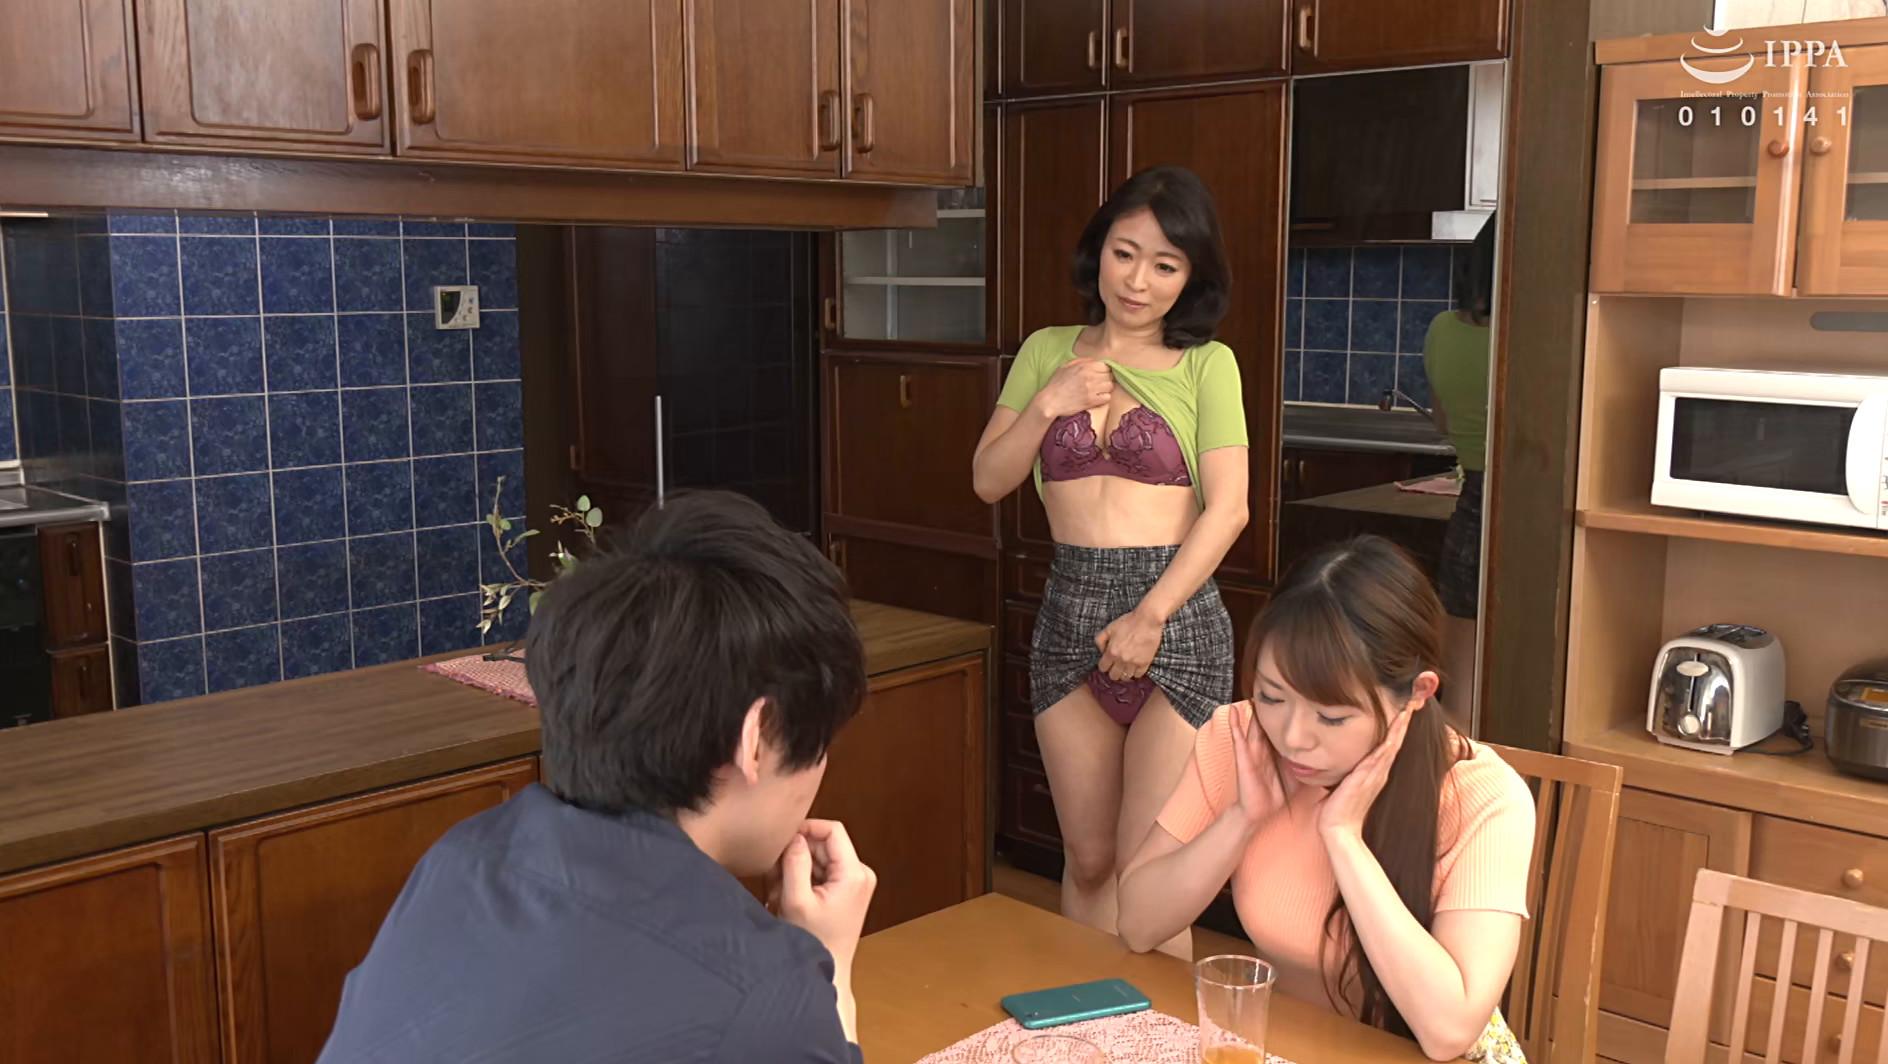 彼女の母親がエロ下着と中出しで彼氏を誘惑しはじめた 青山涼香 四十六歳 画像17